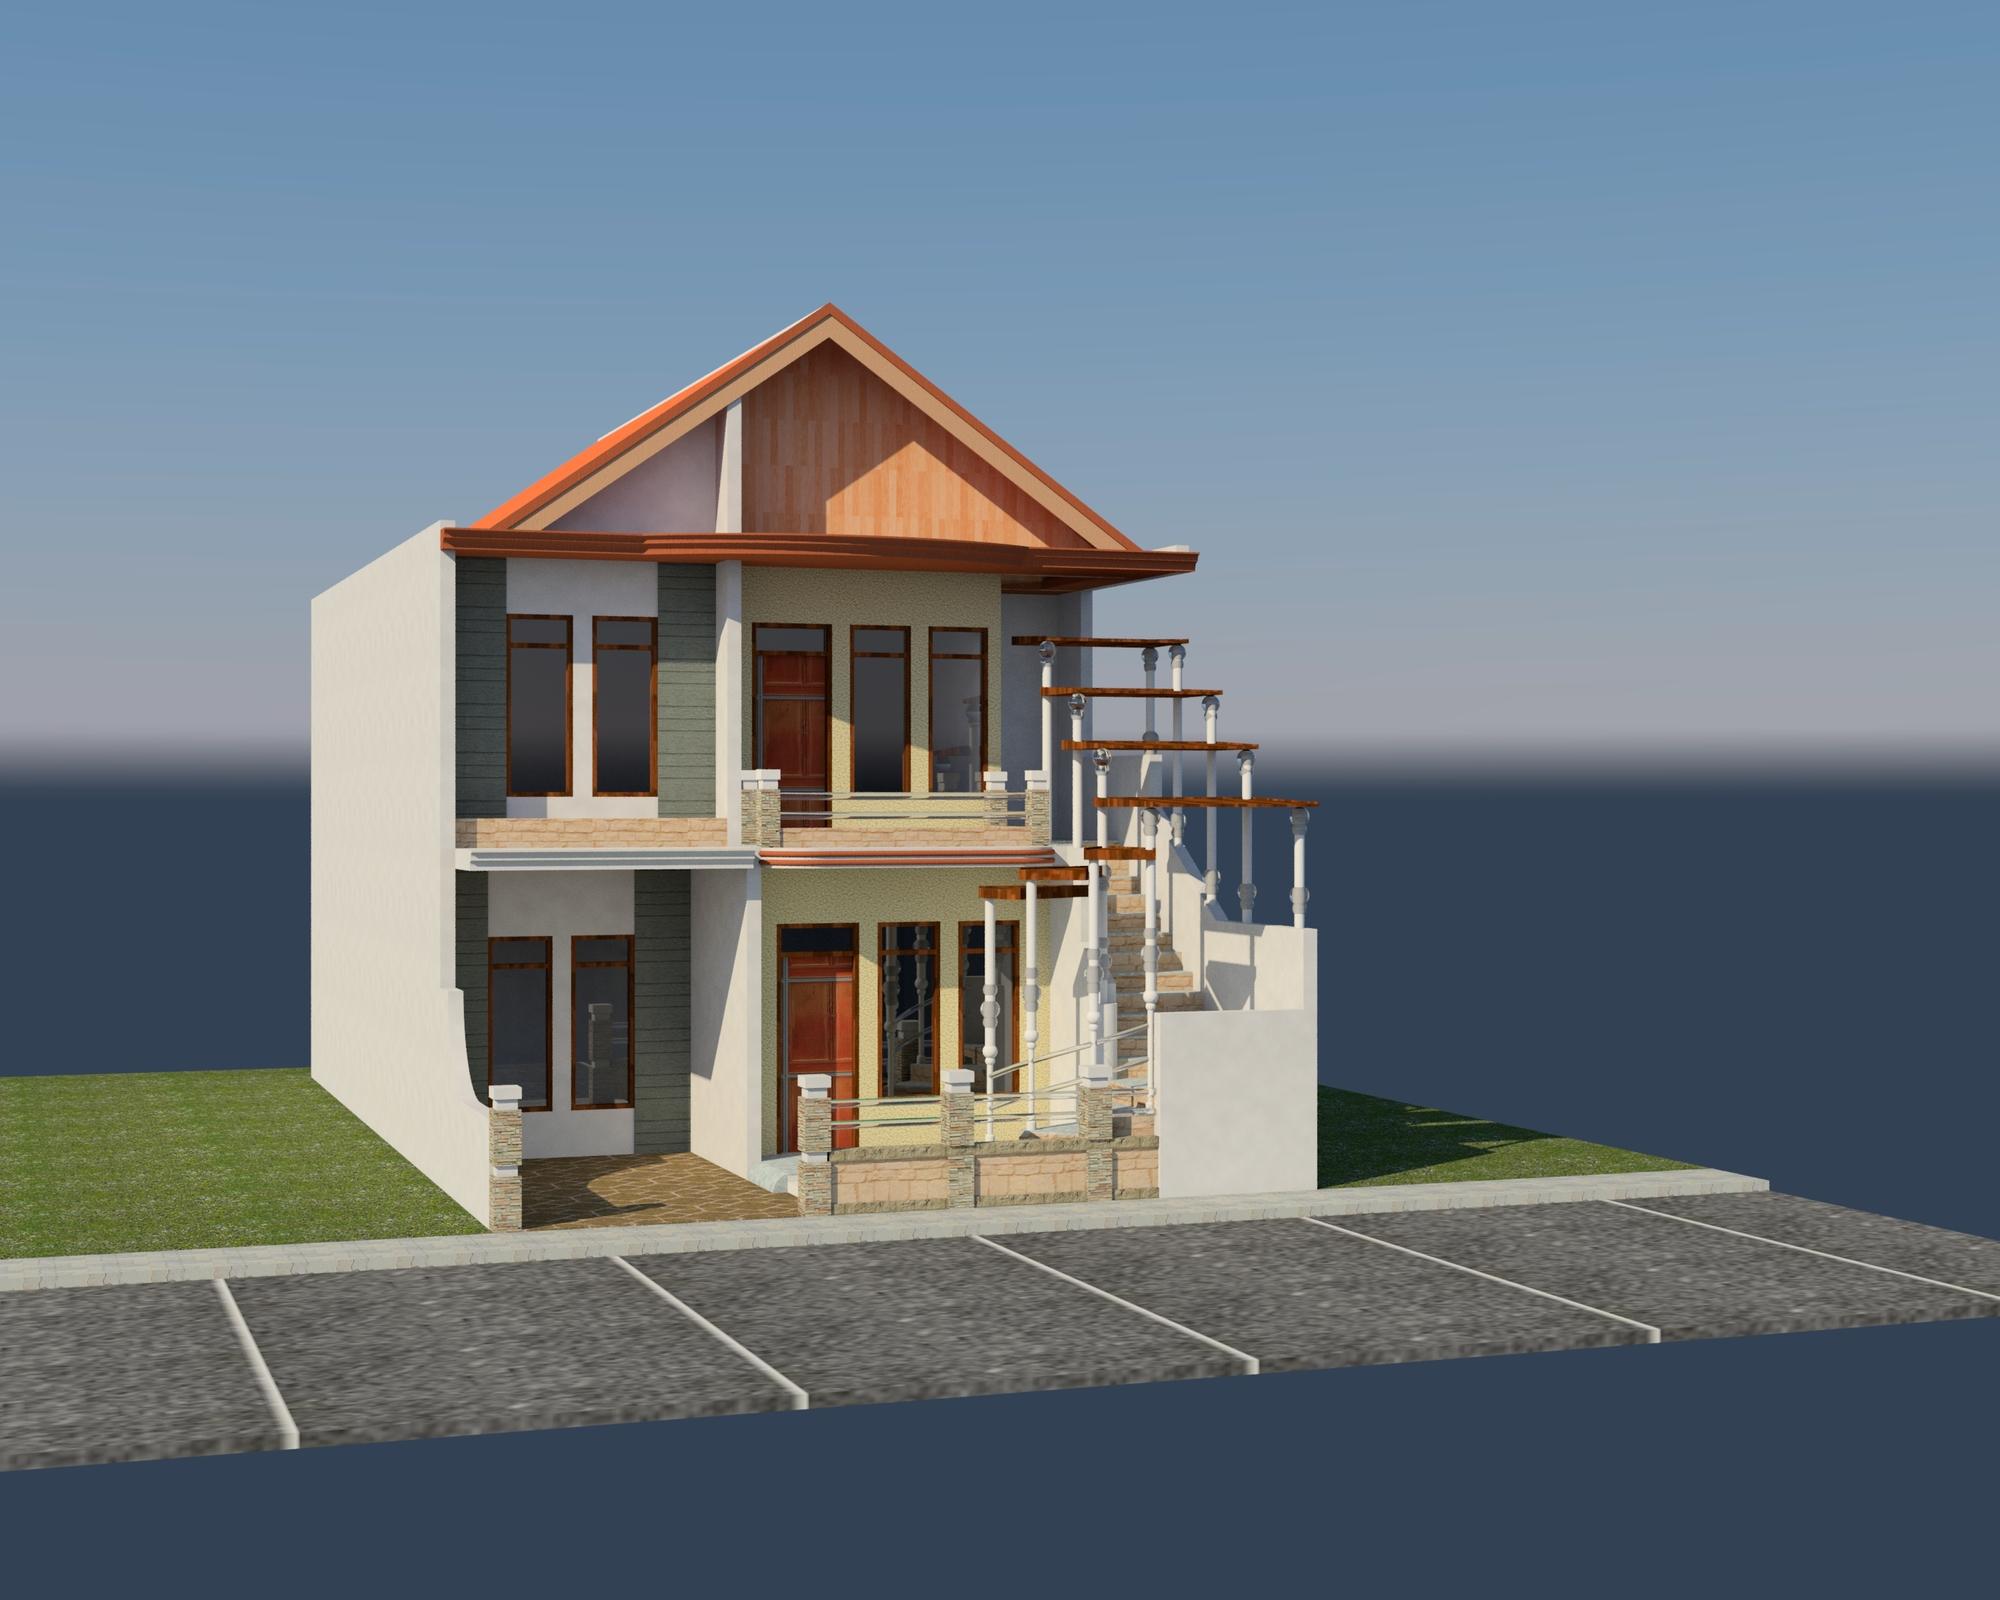 Raas-rendering20140910-9197-b4s34h